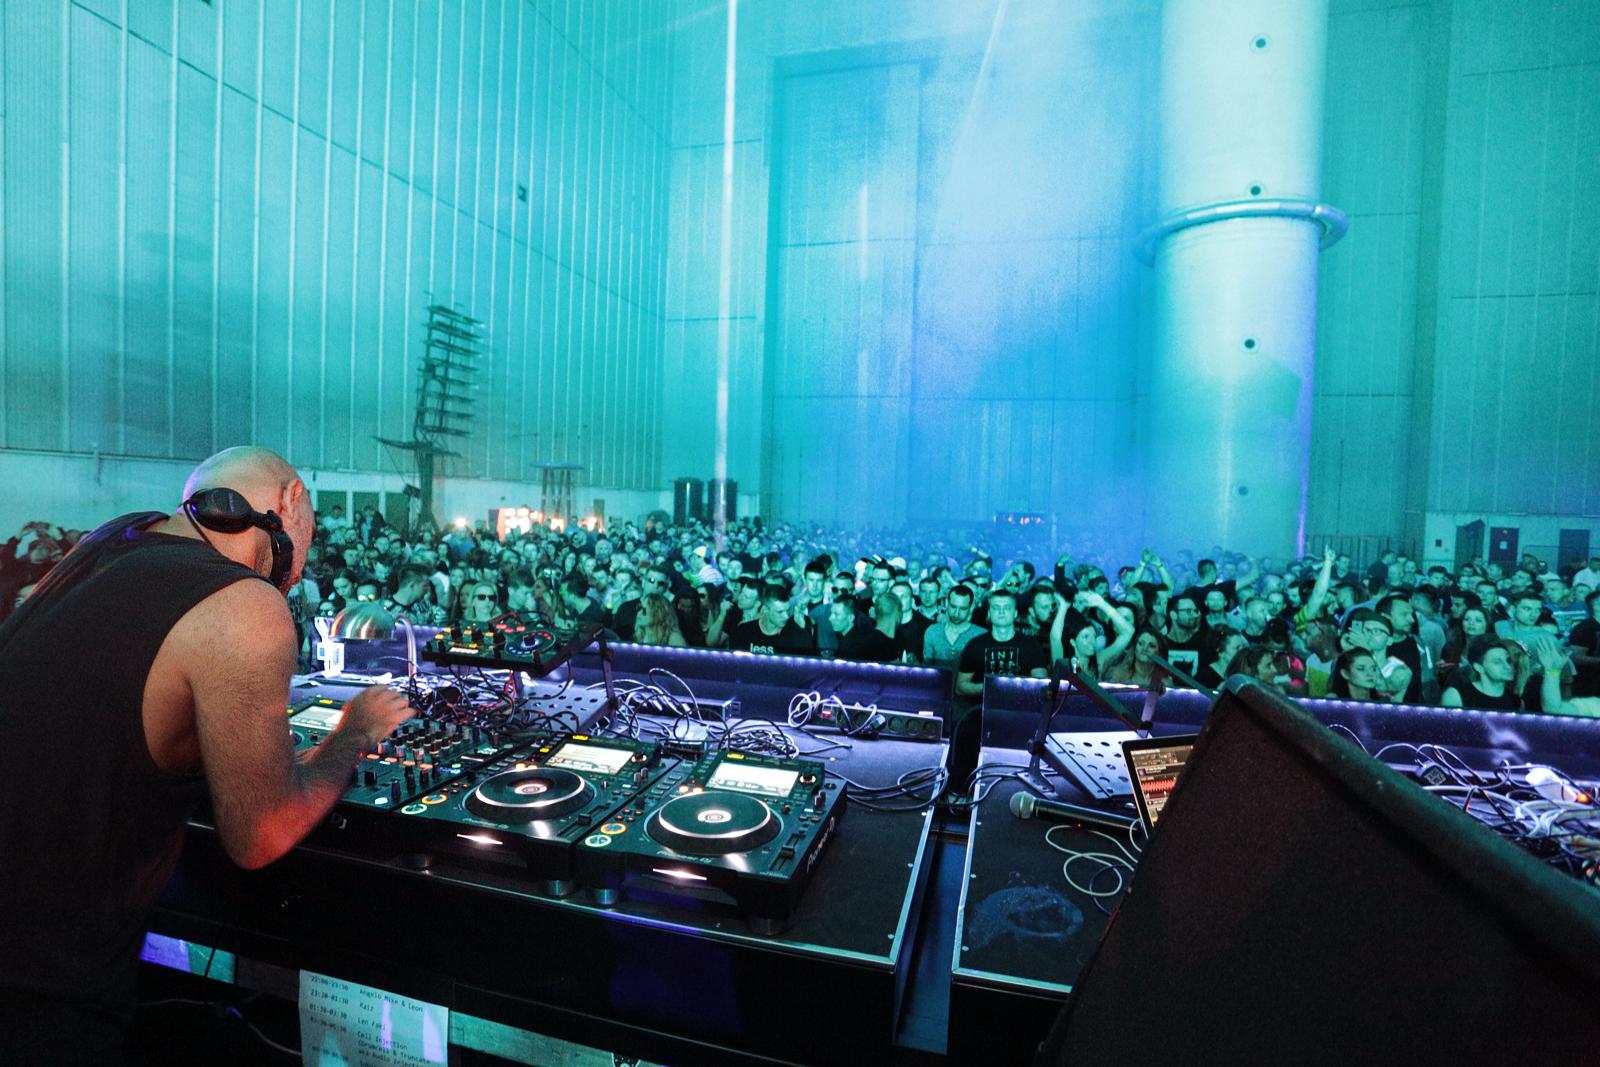 DJ i tłum imprezujących ludzi na błękitnym tle wielkiej hali